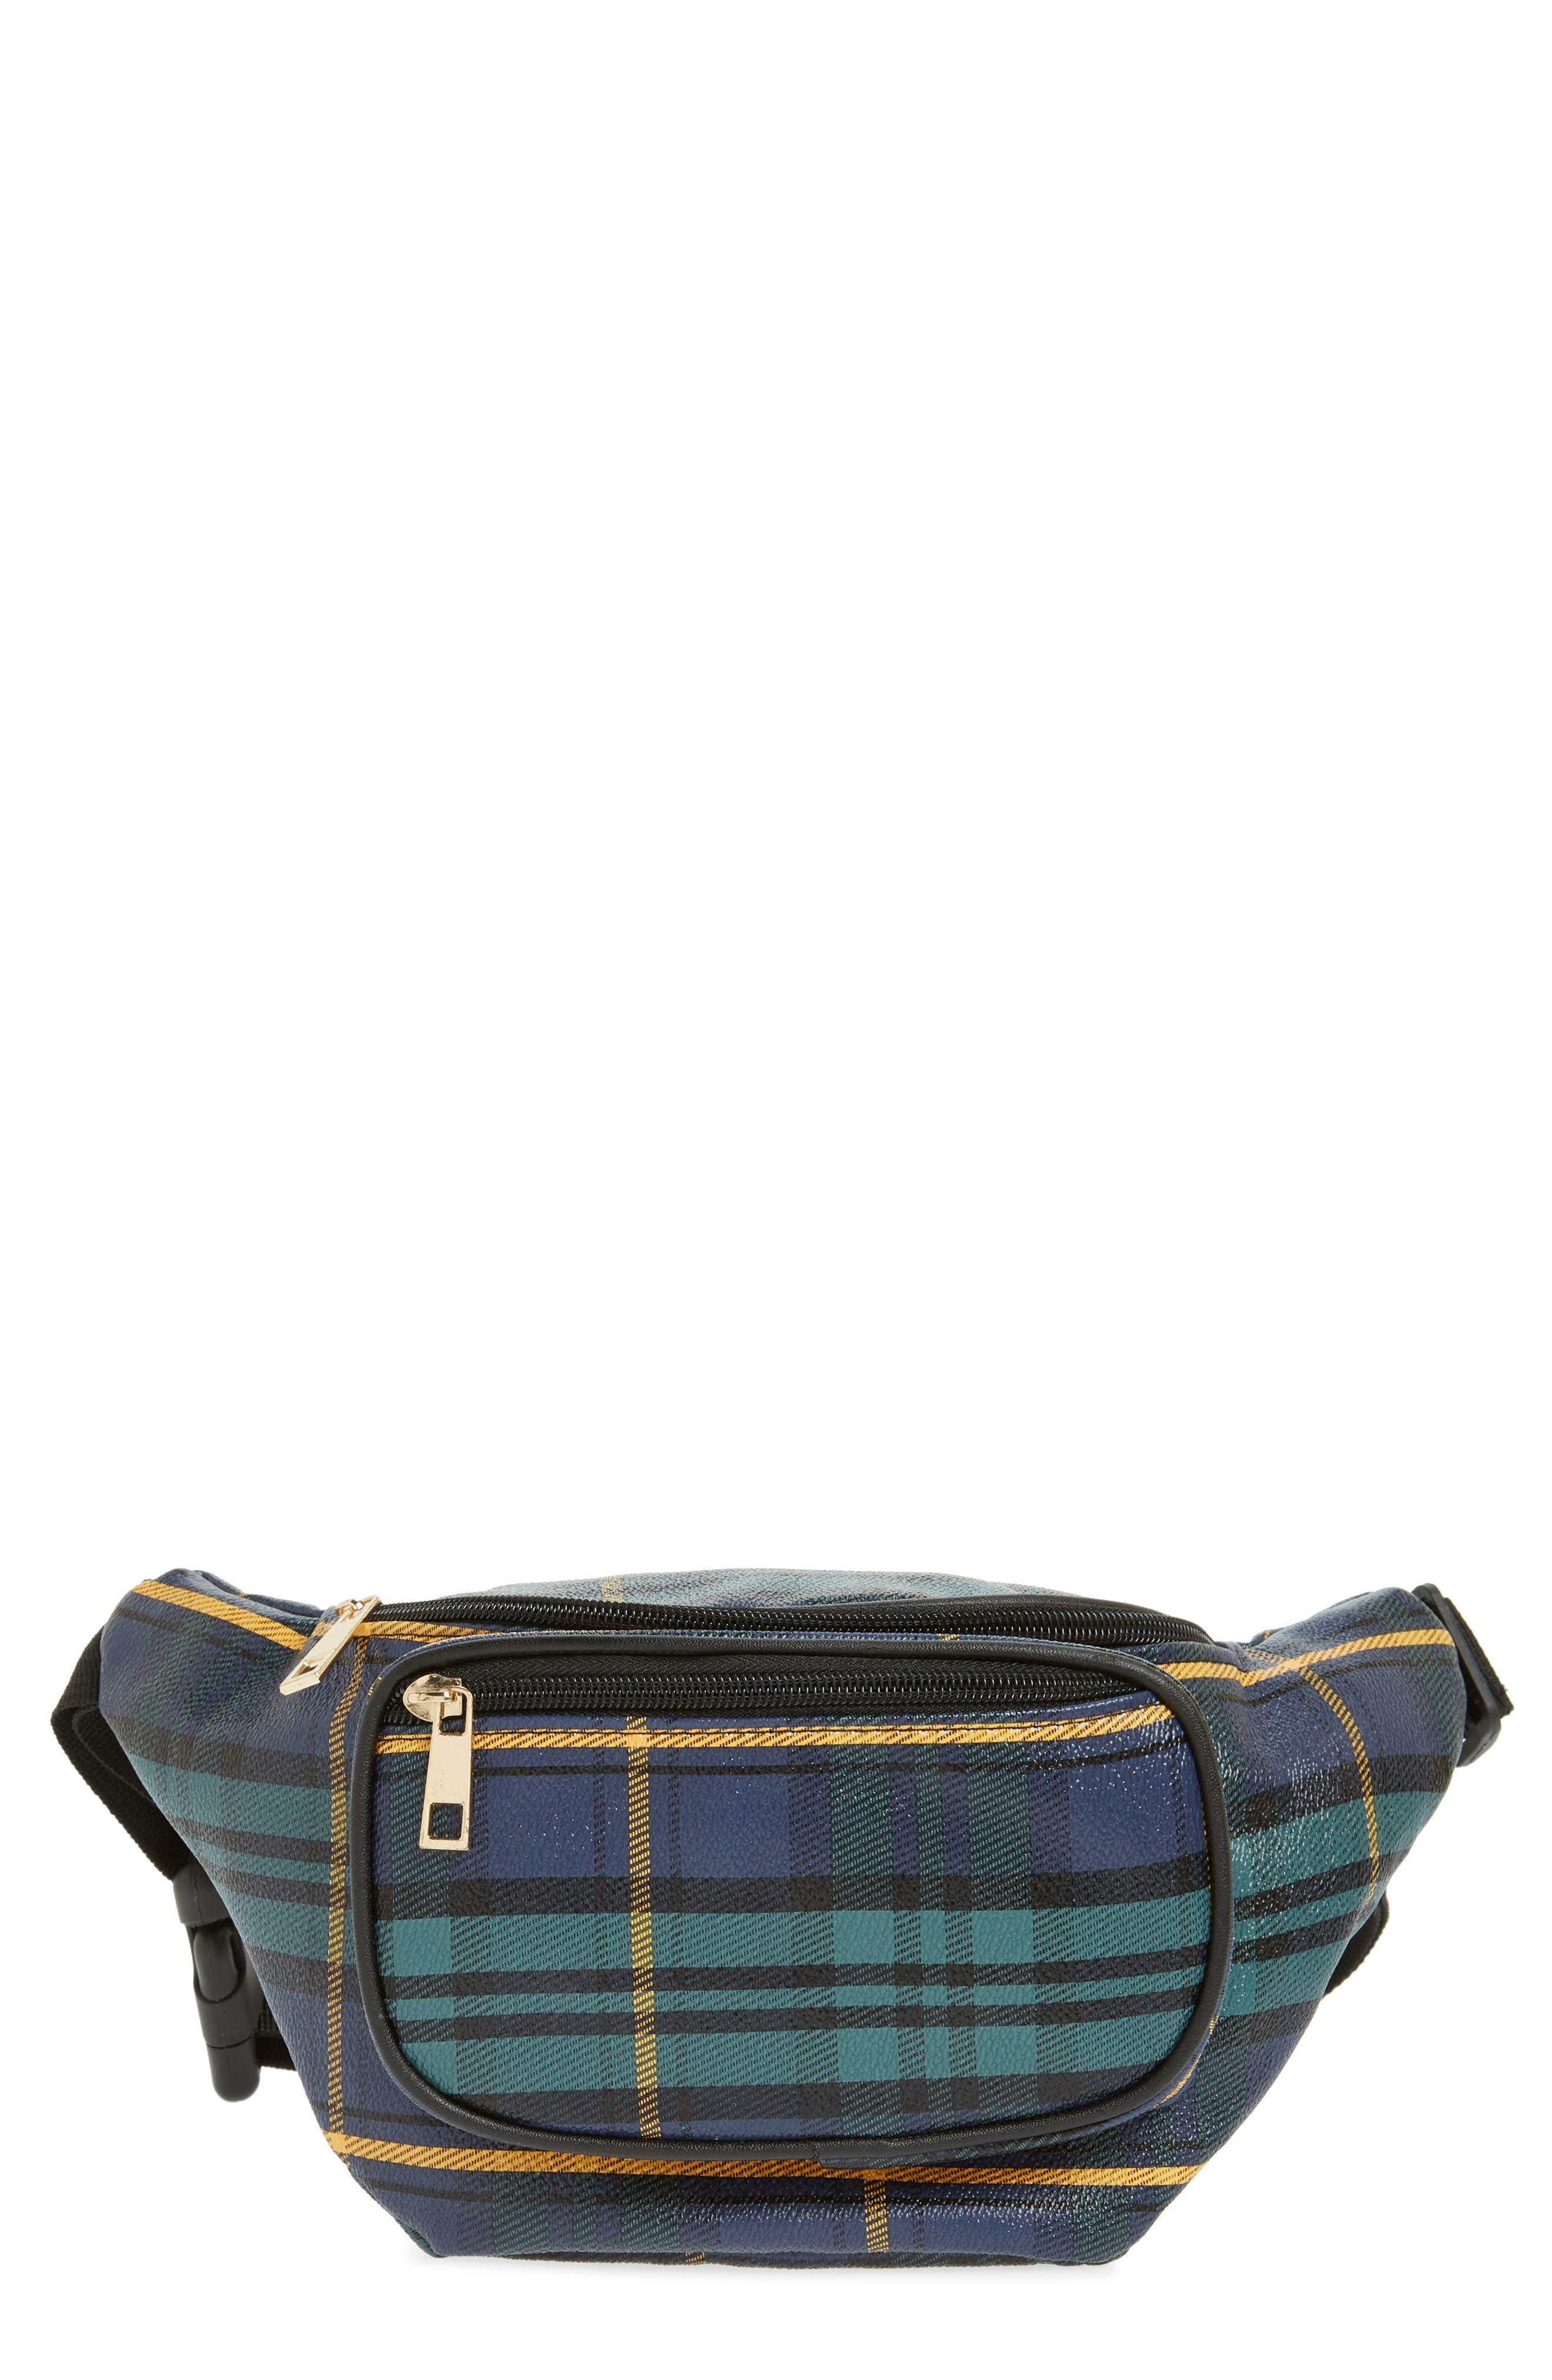 JANE & BERRY, Plaid Belt Bag, Main thumbnail 1, color, 300